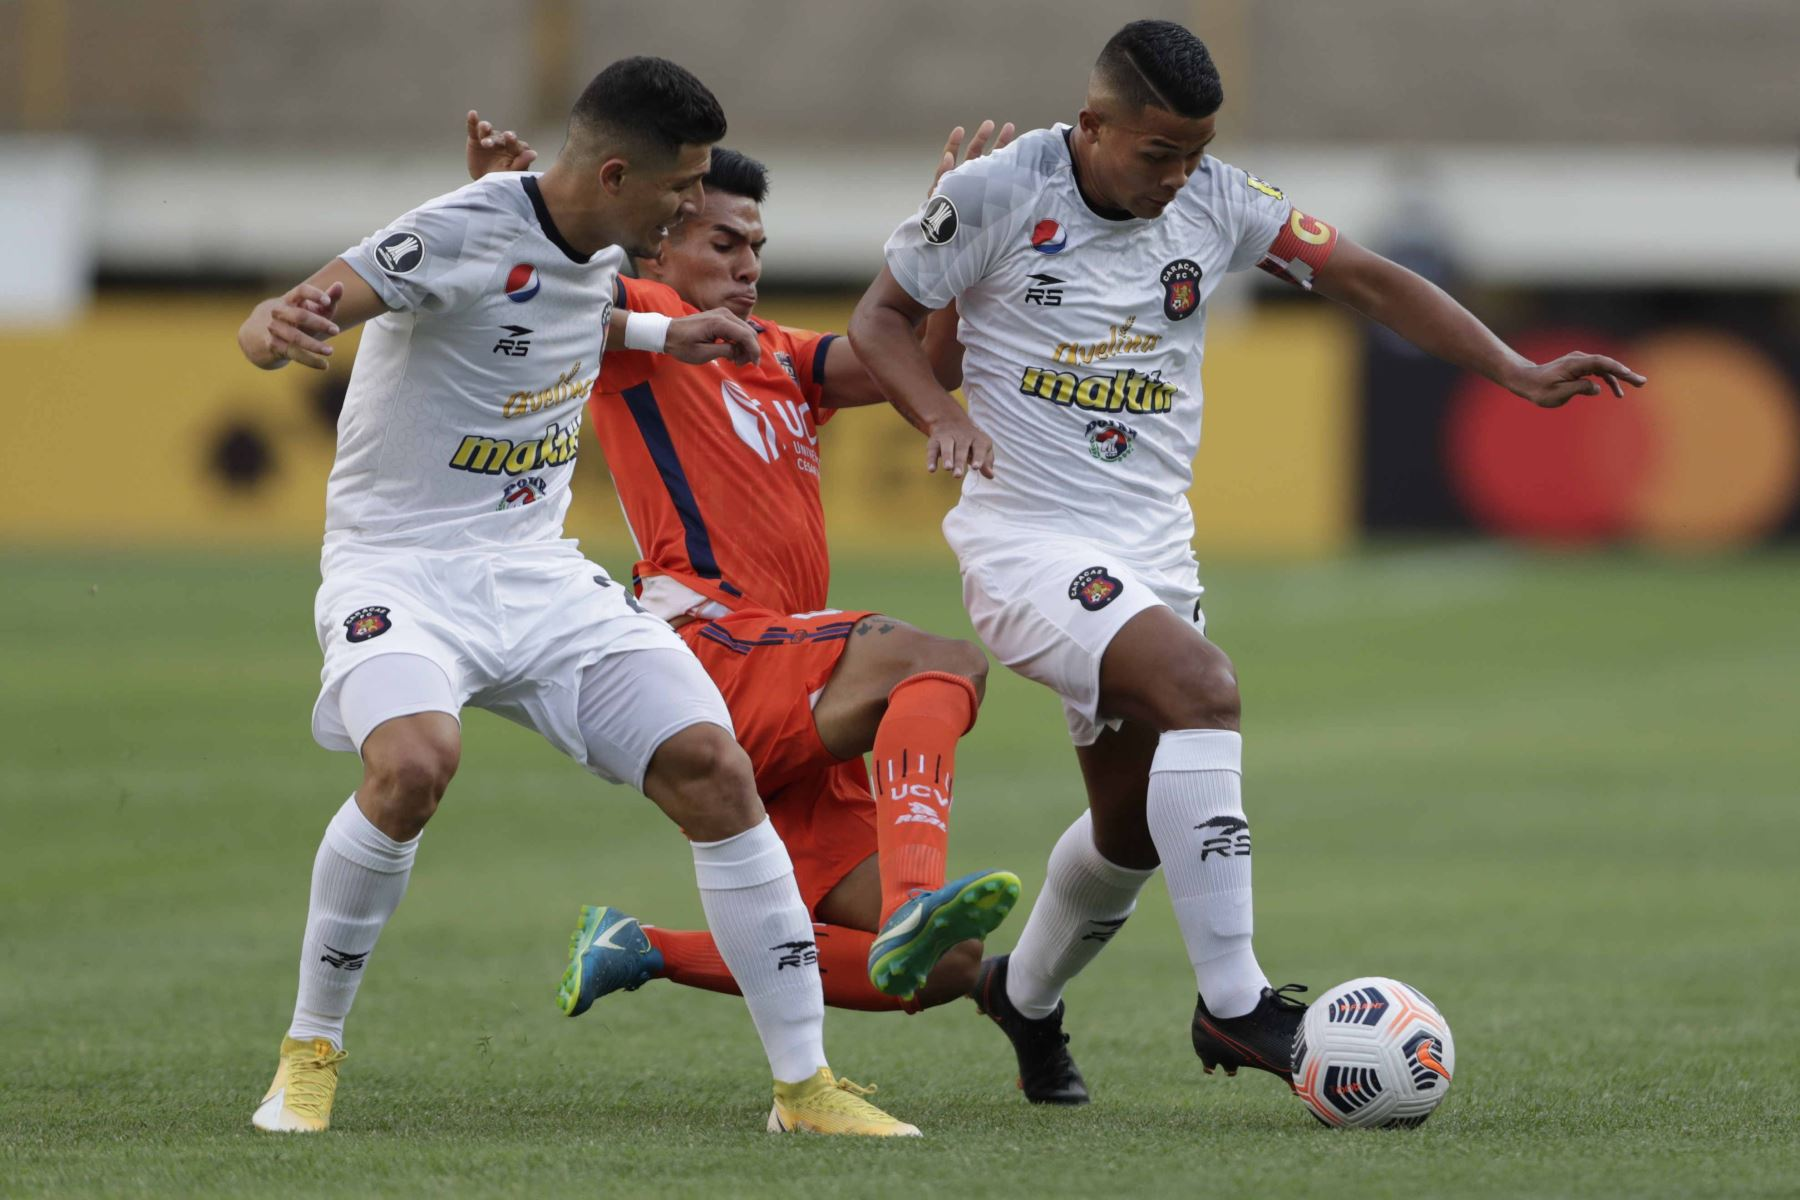 Jorge Echeverría  de Caracas avanza con el balón , en un partido dela primera fase de la Copa Libertadores entre Cesar Vallejo y Caracas FC en el estadio Monumental U en Lima. Foto: EFE